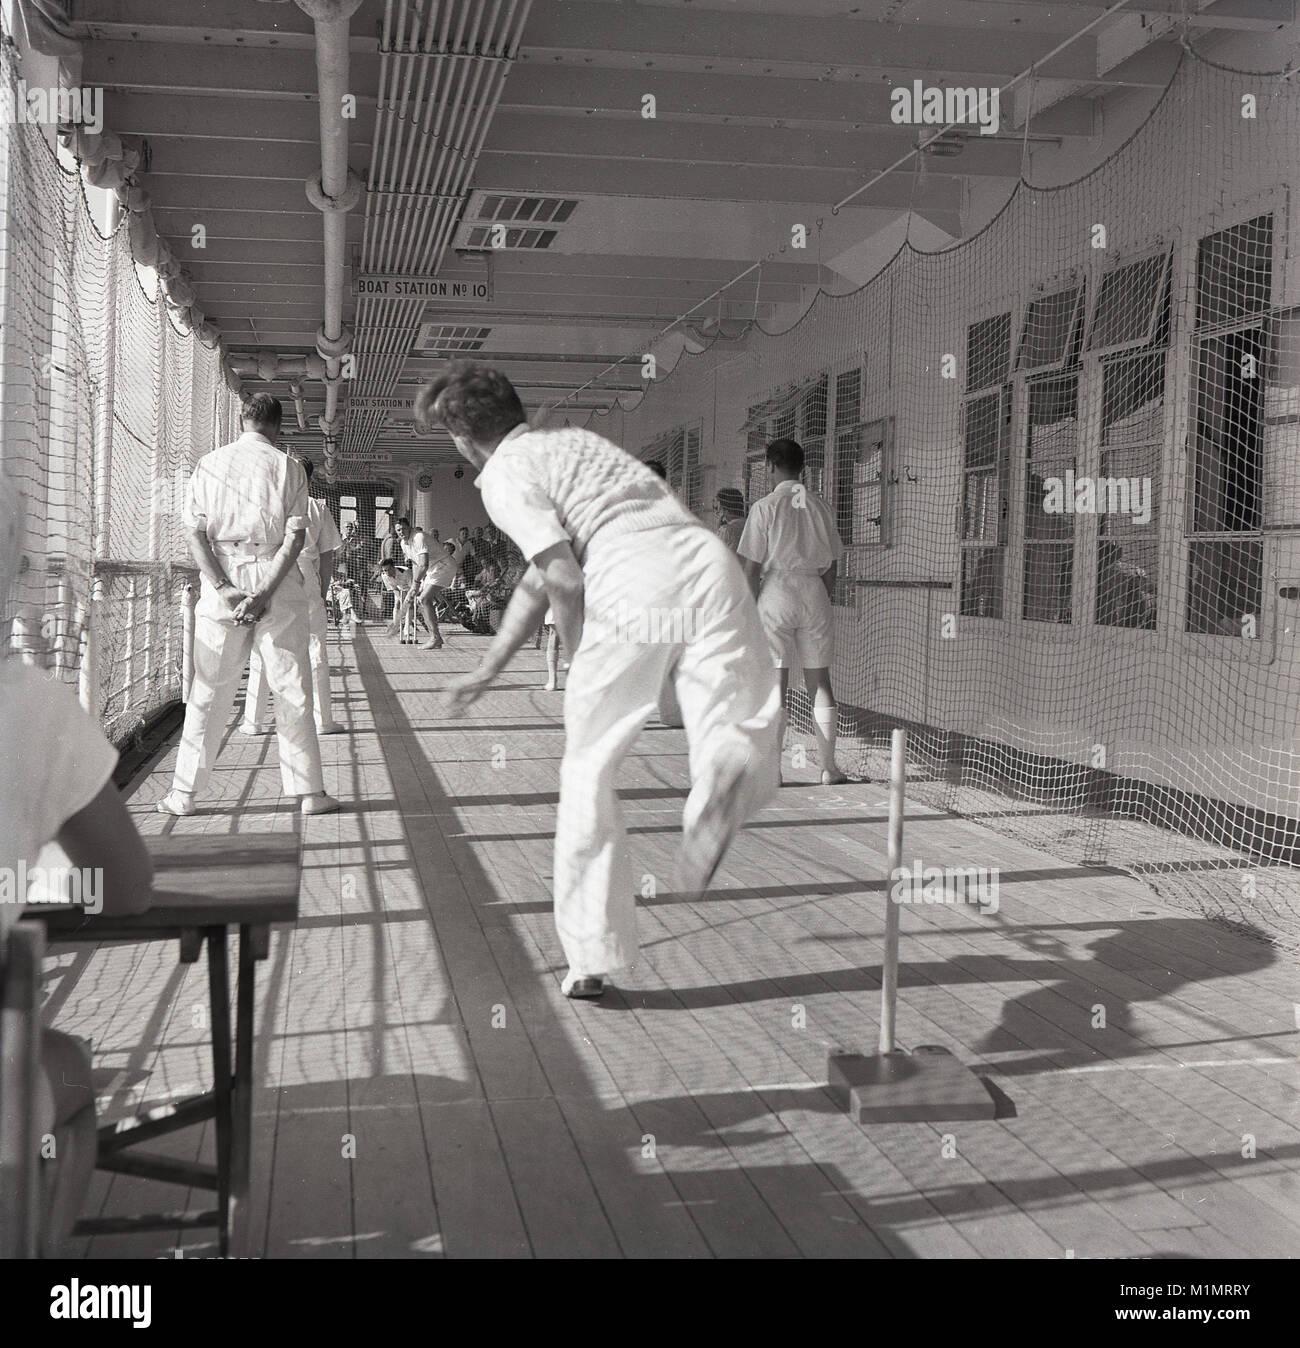 1950s, históricos, macho de los pasajeros y la tripulación de cubierta jugando un juego de cricket. Están Imagen De Stock